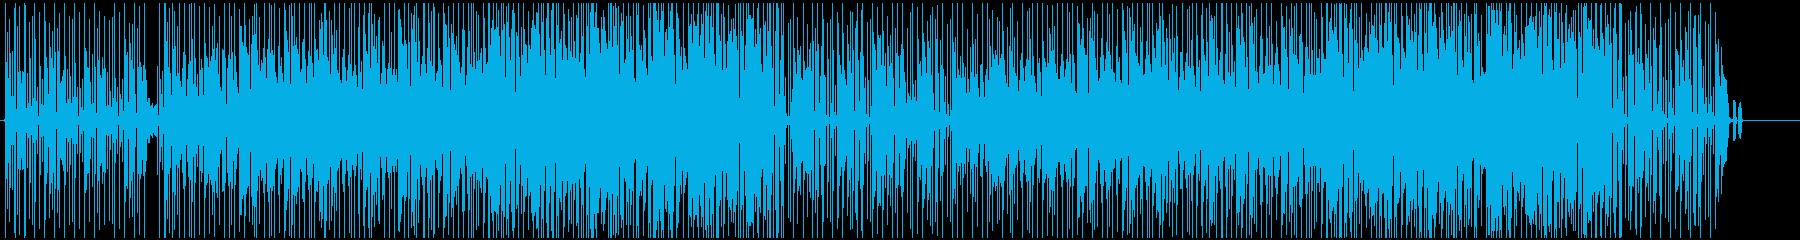 軽快なテンポの汎用性の高いボサノバです。の再生済みの波形